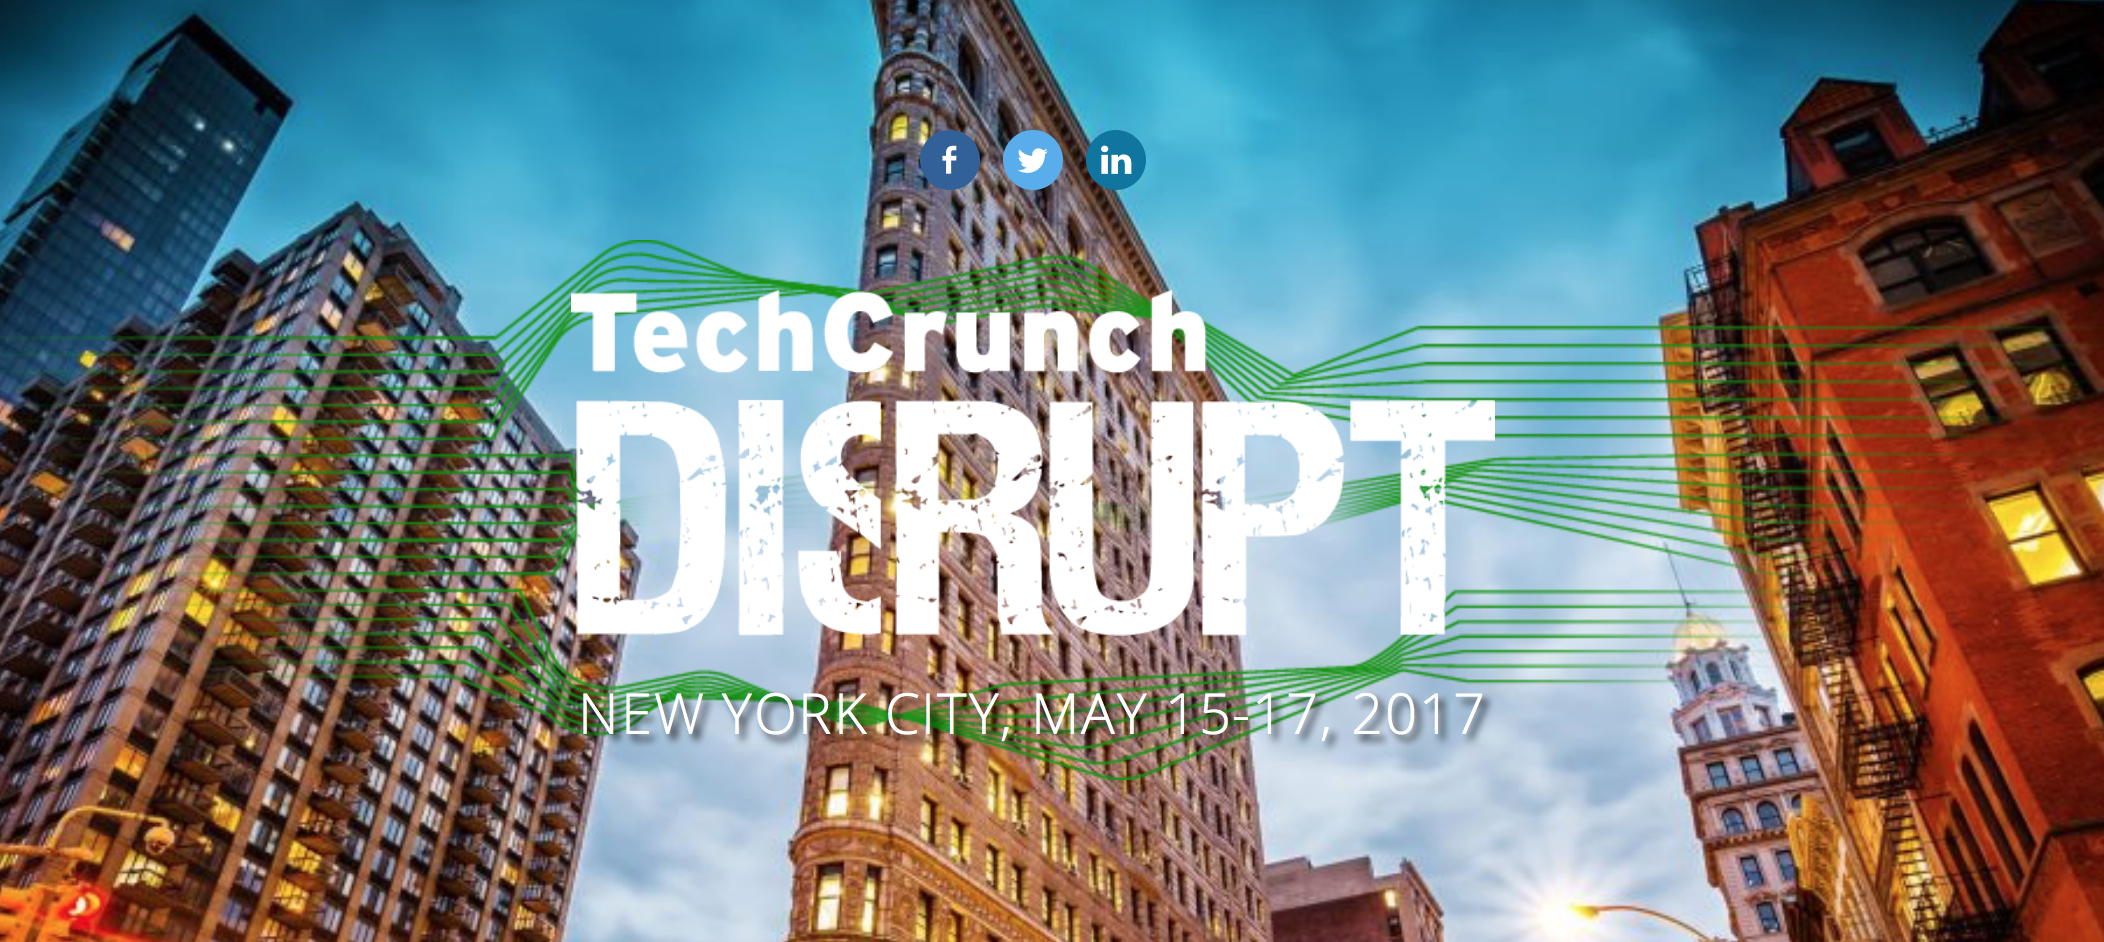 Disrupt TechCrunch